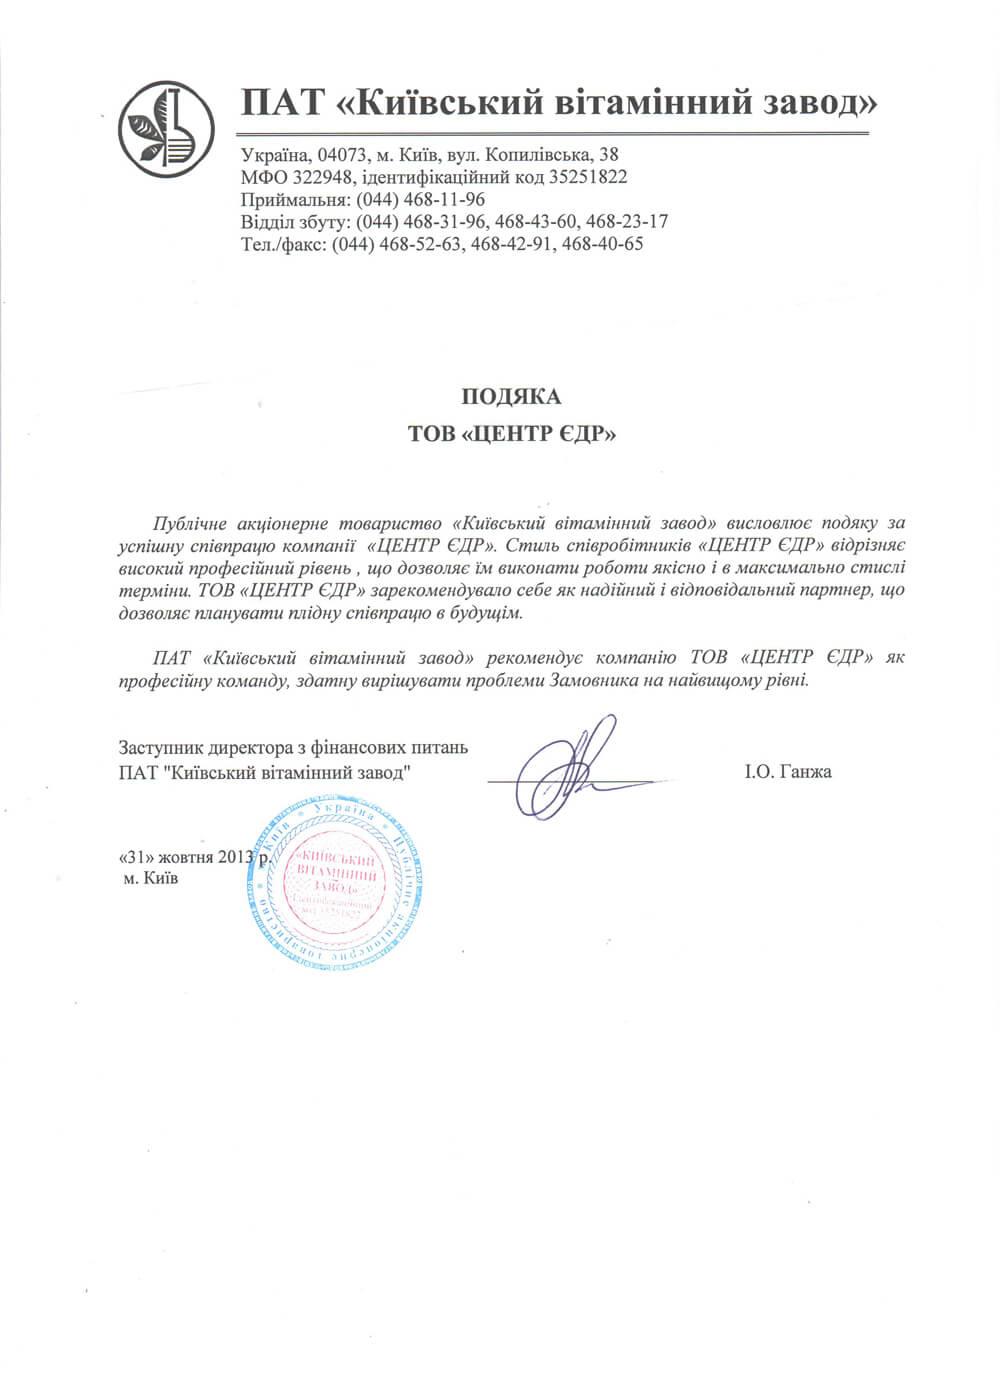 государственный регистратор украина 2013 бланк выписки